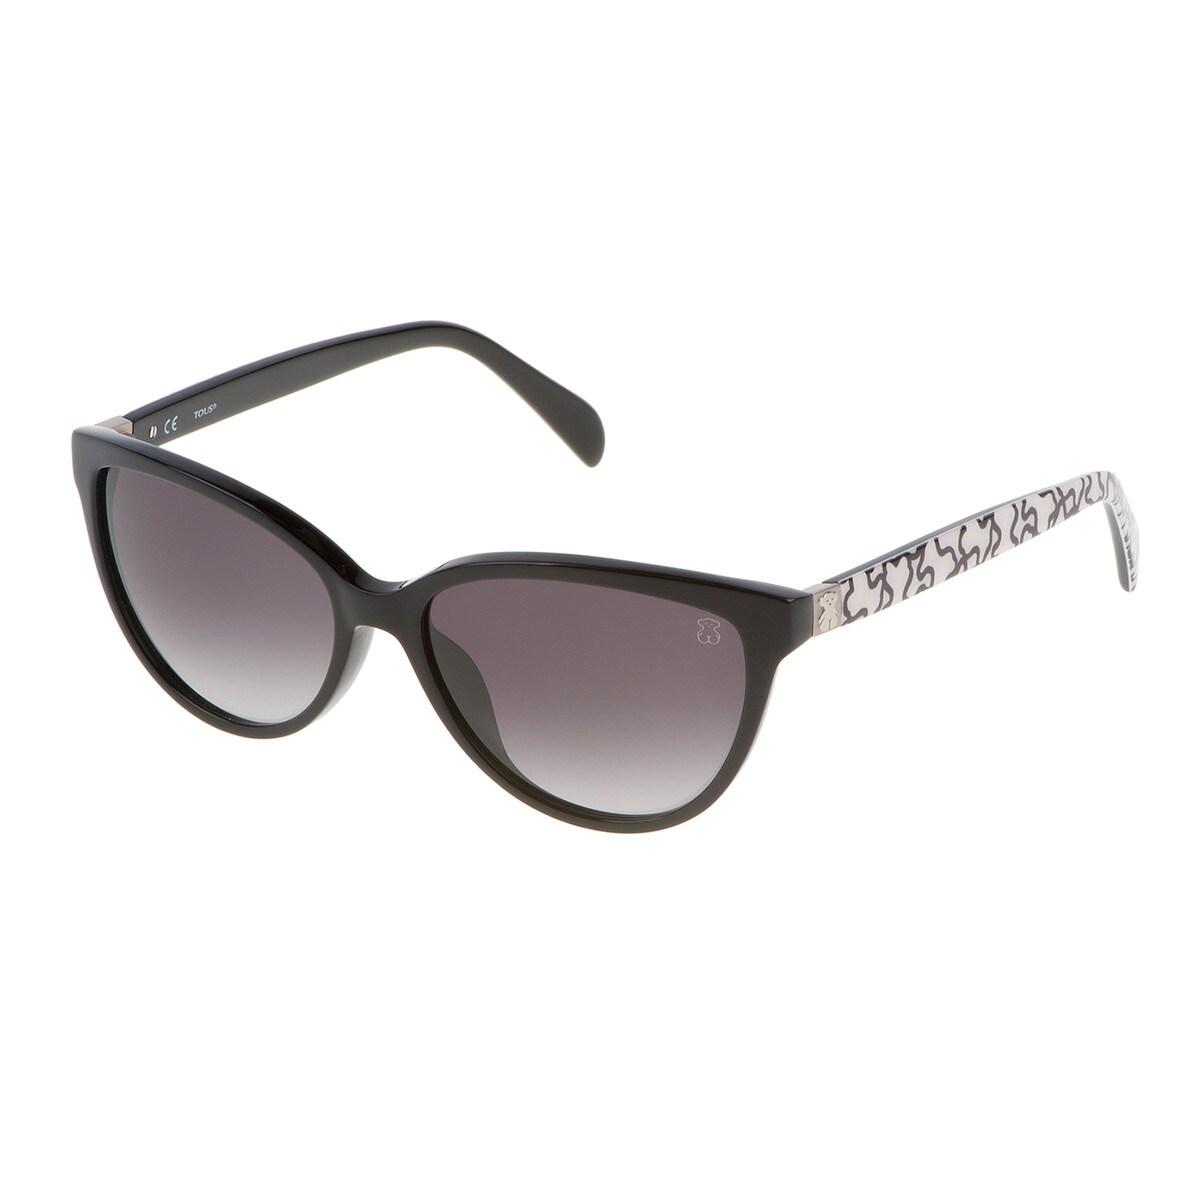 fdc3e524f7 Gafas de sol Tille Cat Eye - Sitio web Tous España